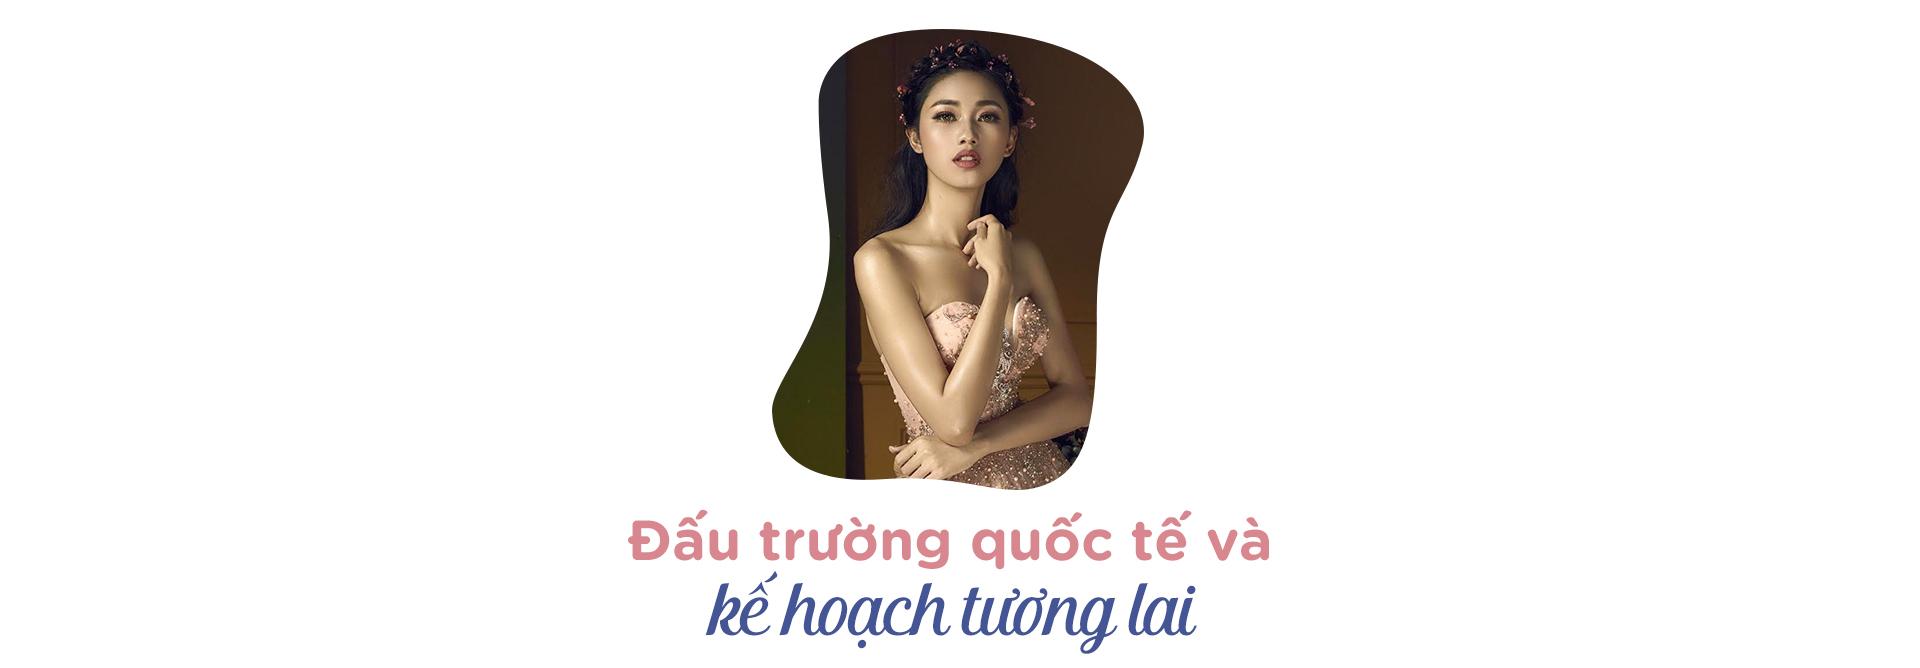 Á hậu Thanh Tú: Đừng 'thần thánh hóa' hoa hậu, người mẫu!